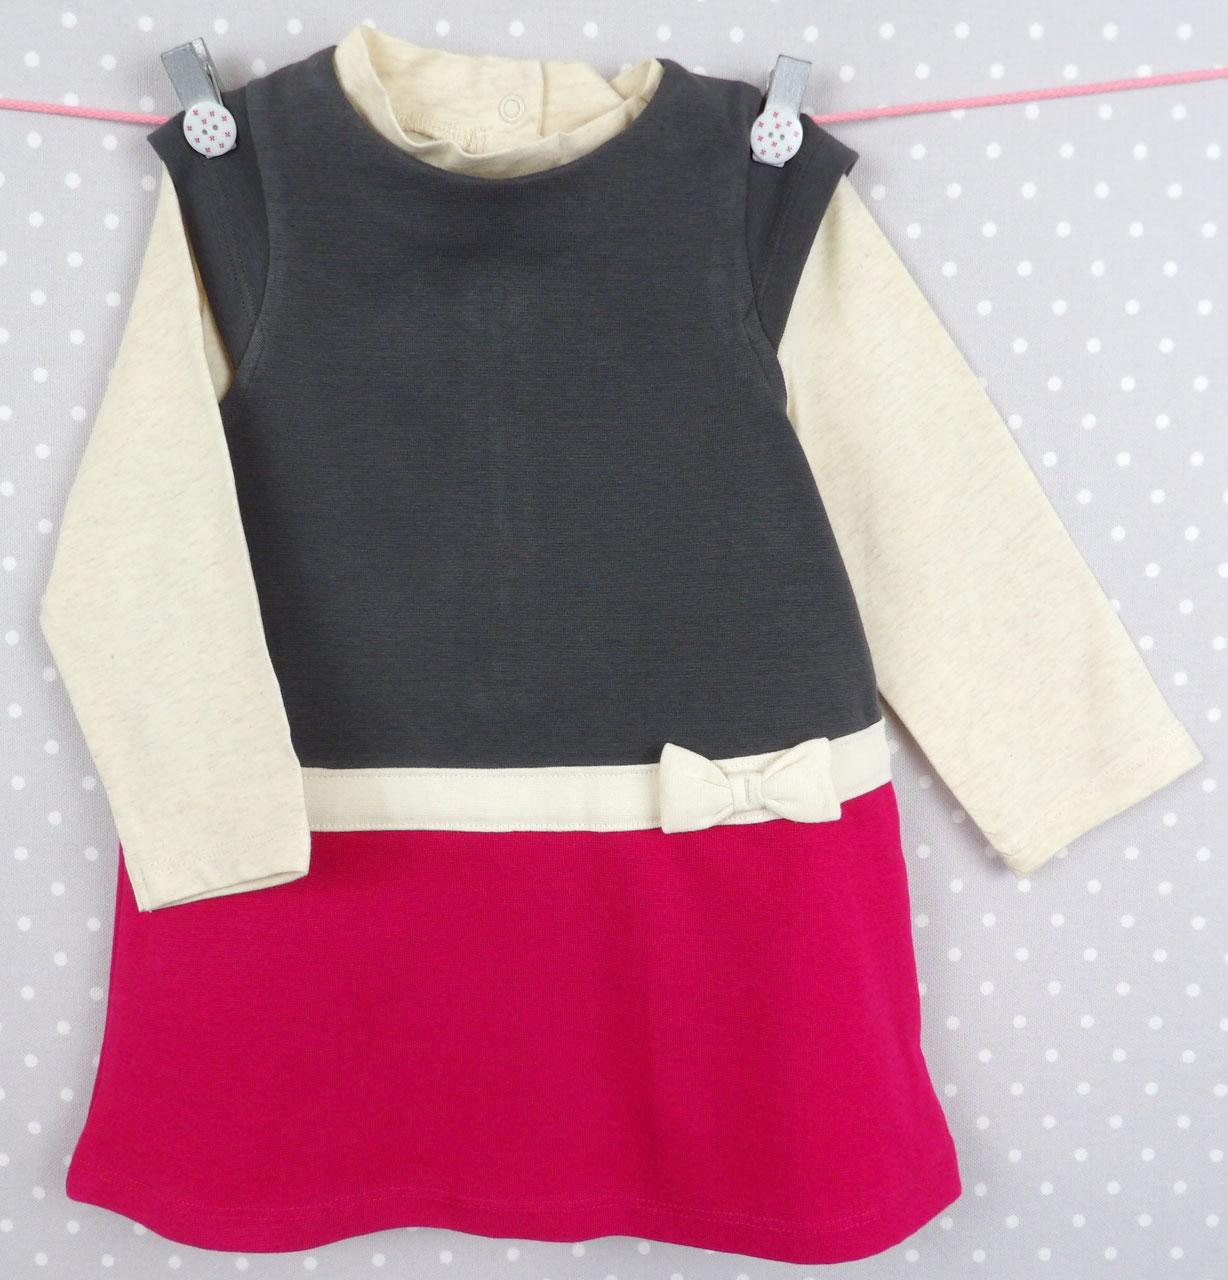 405fbeb84093 DPAM - 12 mois - Bouilles de pomme-vêtements-accessoires-linge de ...